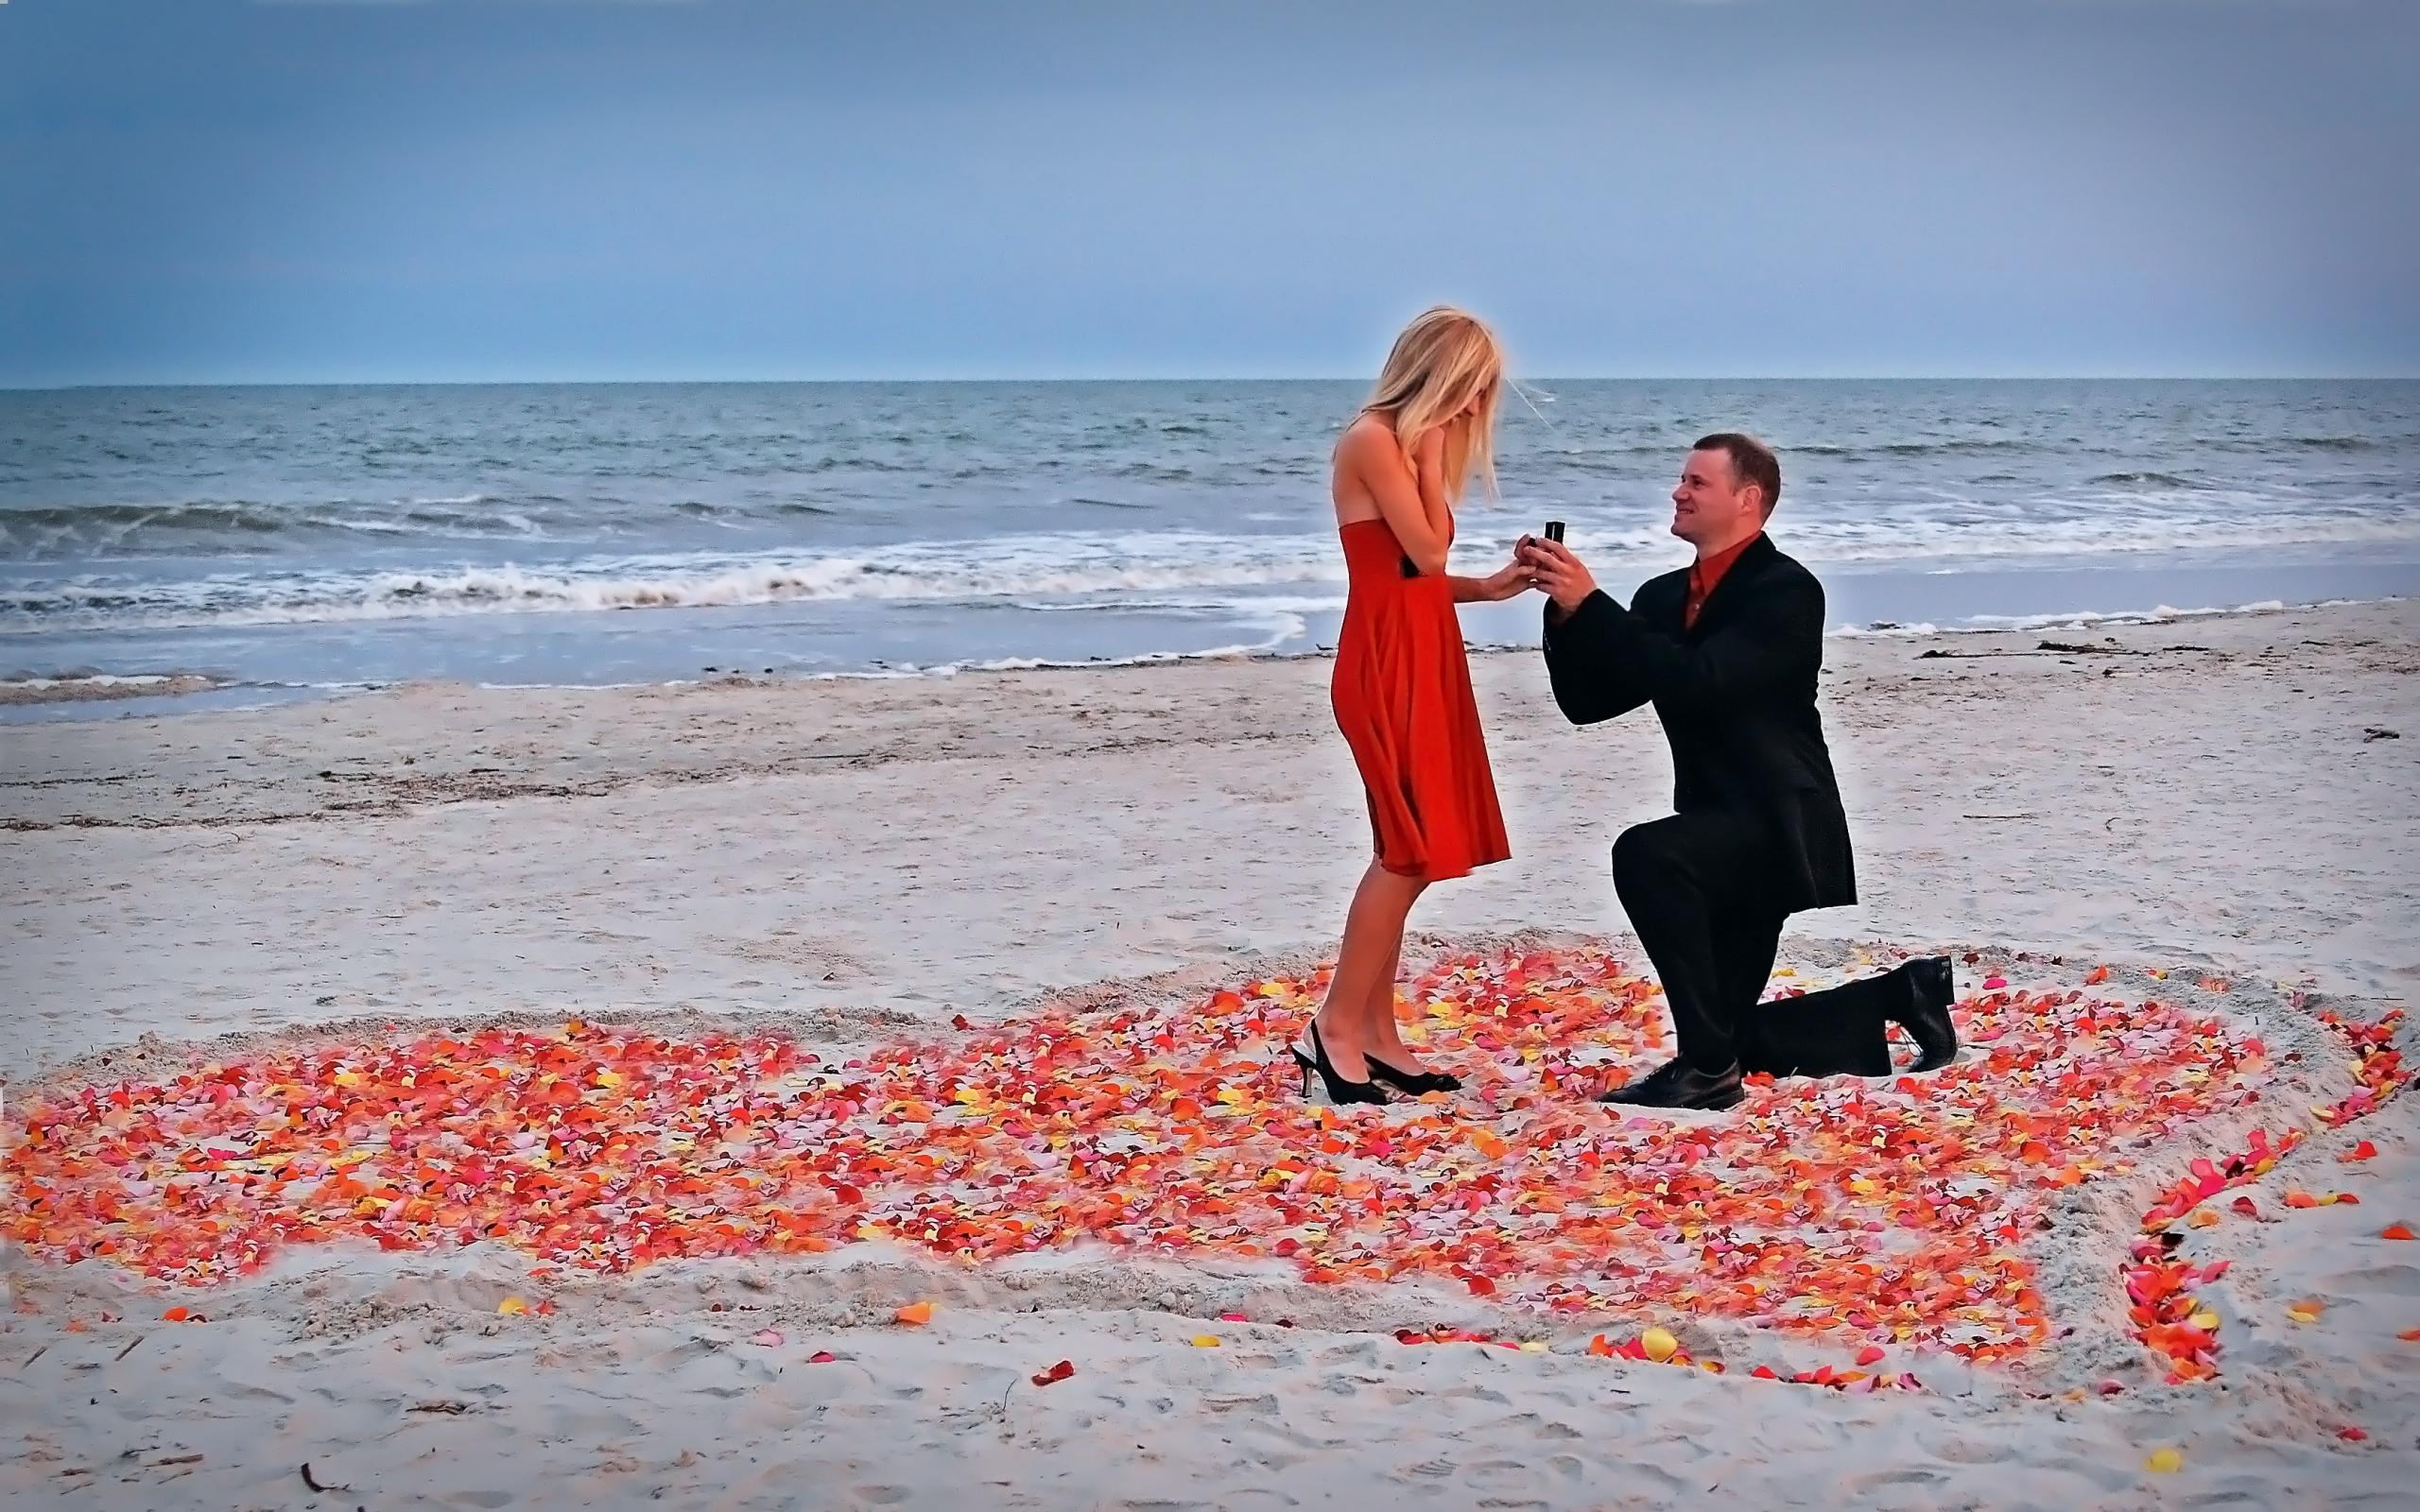 novios-en-la-playa-romantica